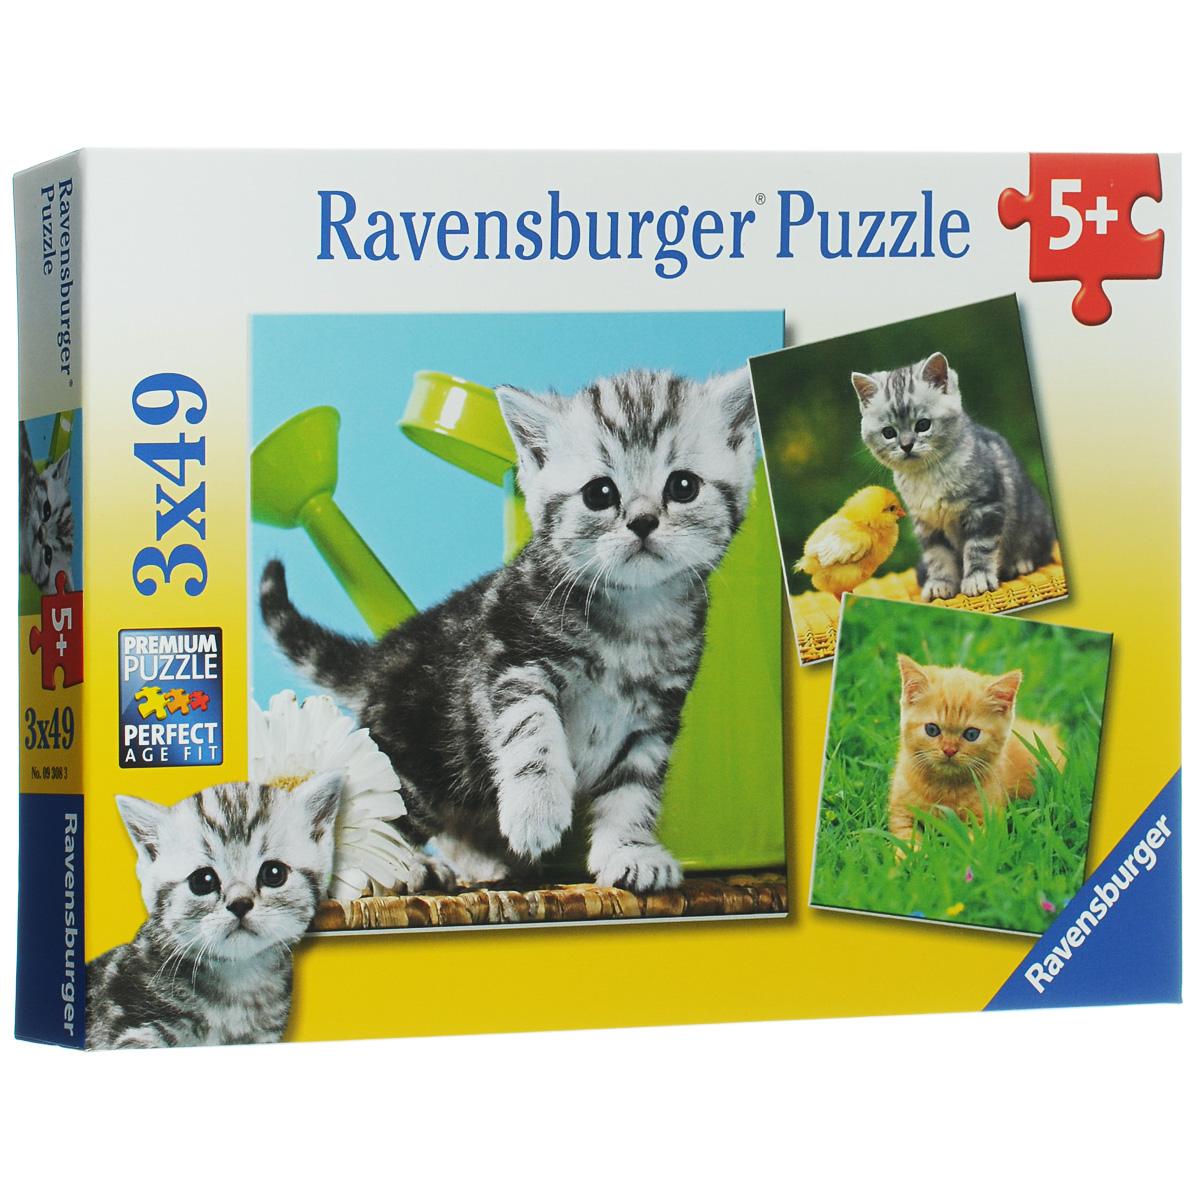 Ravensburger Отважный котенок. Пазл, 3 х 49 элементов09308Пазл Ravensburger Отважный котенок, несомненно, понравится вашему ребенку. Собрав пазлы, каждый из которых включает по 49 элементов, вы получите три замечательные картинки с изображением забавного котенка. Каждая деталь имеет свою форму и подходит только на свое место. Пазл изготовлен из картона высочайшего качества. Все изображения аккуратно отсканированы и напечатаны на ламинированной бумаге. Пазлы - замечательная развивающая игра для детей. Собирание пазла развивает у ребенка мелкую моторику рук, тренирует наблюдательность, логическое мышление, знакомит с окружающим миром, с цветом и разнообразными формами, учит усидчивости и терпению, аккуратности и вниманию.